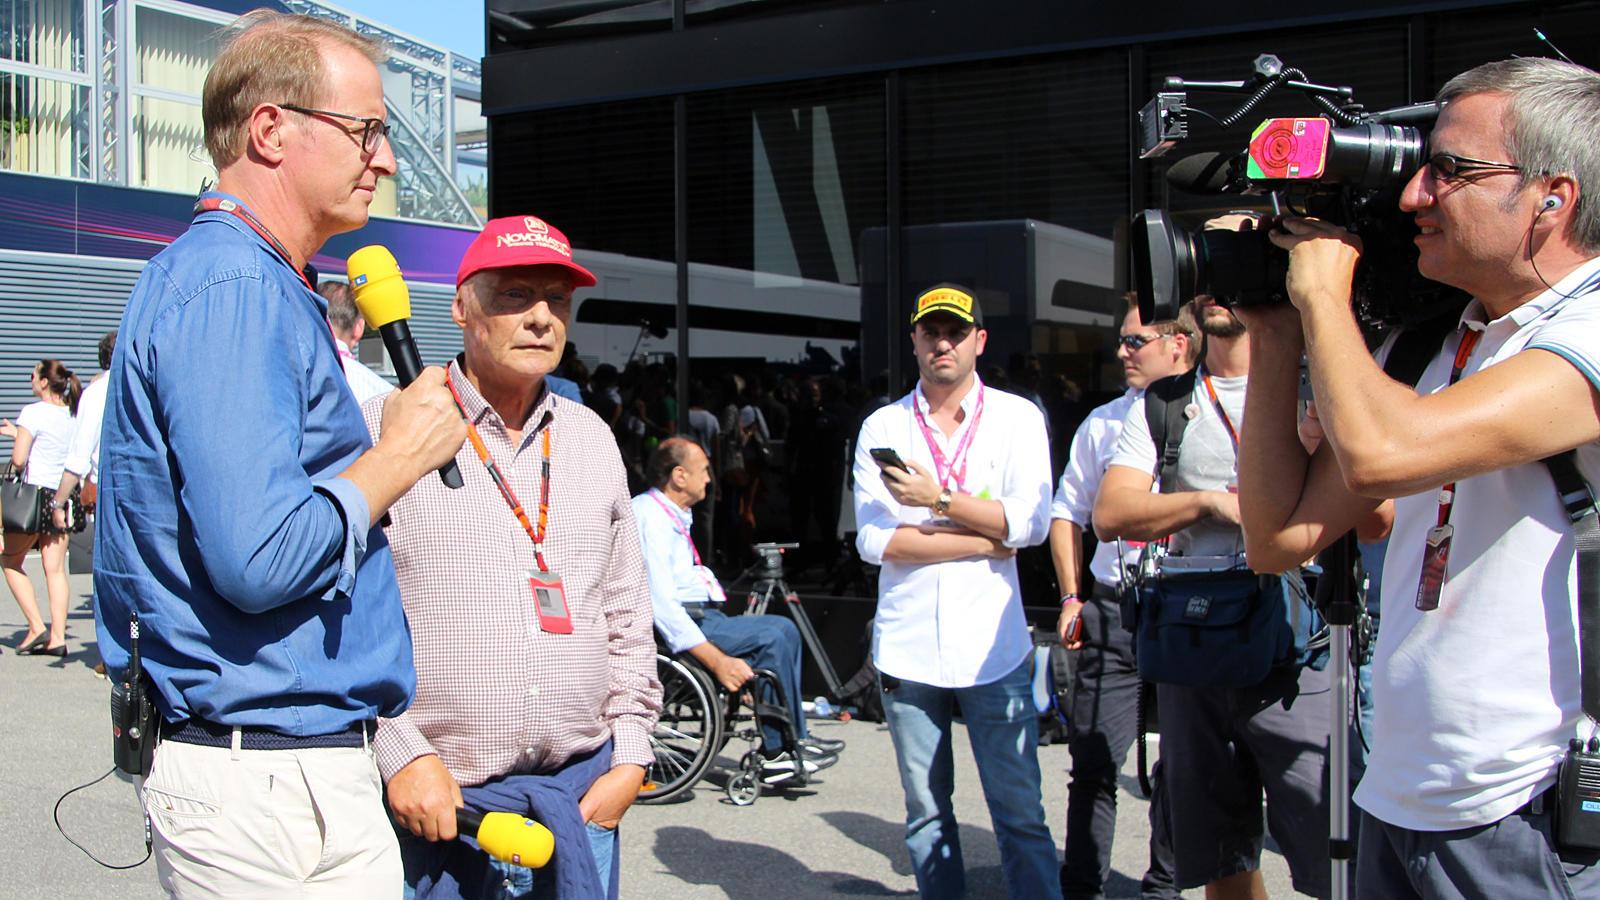 2017 erzielte RTL mit den Übertragungen der Formel 1  erneut gute Quoten.